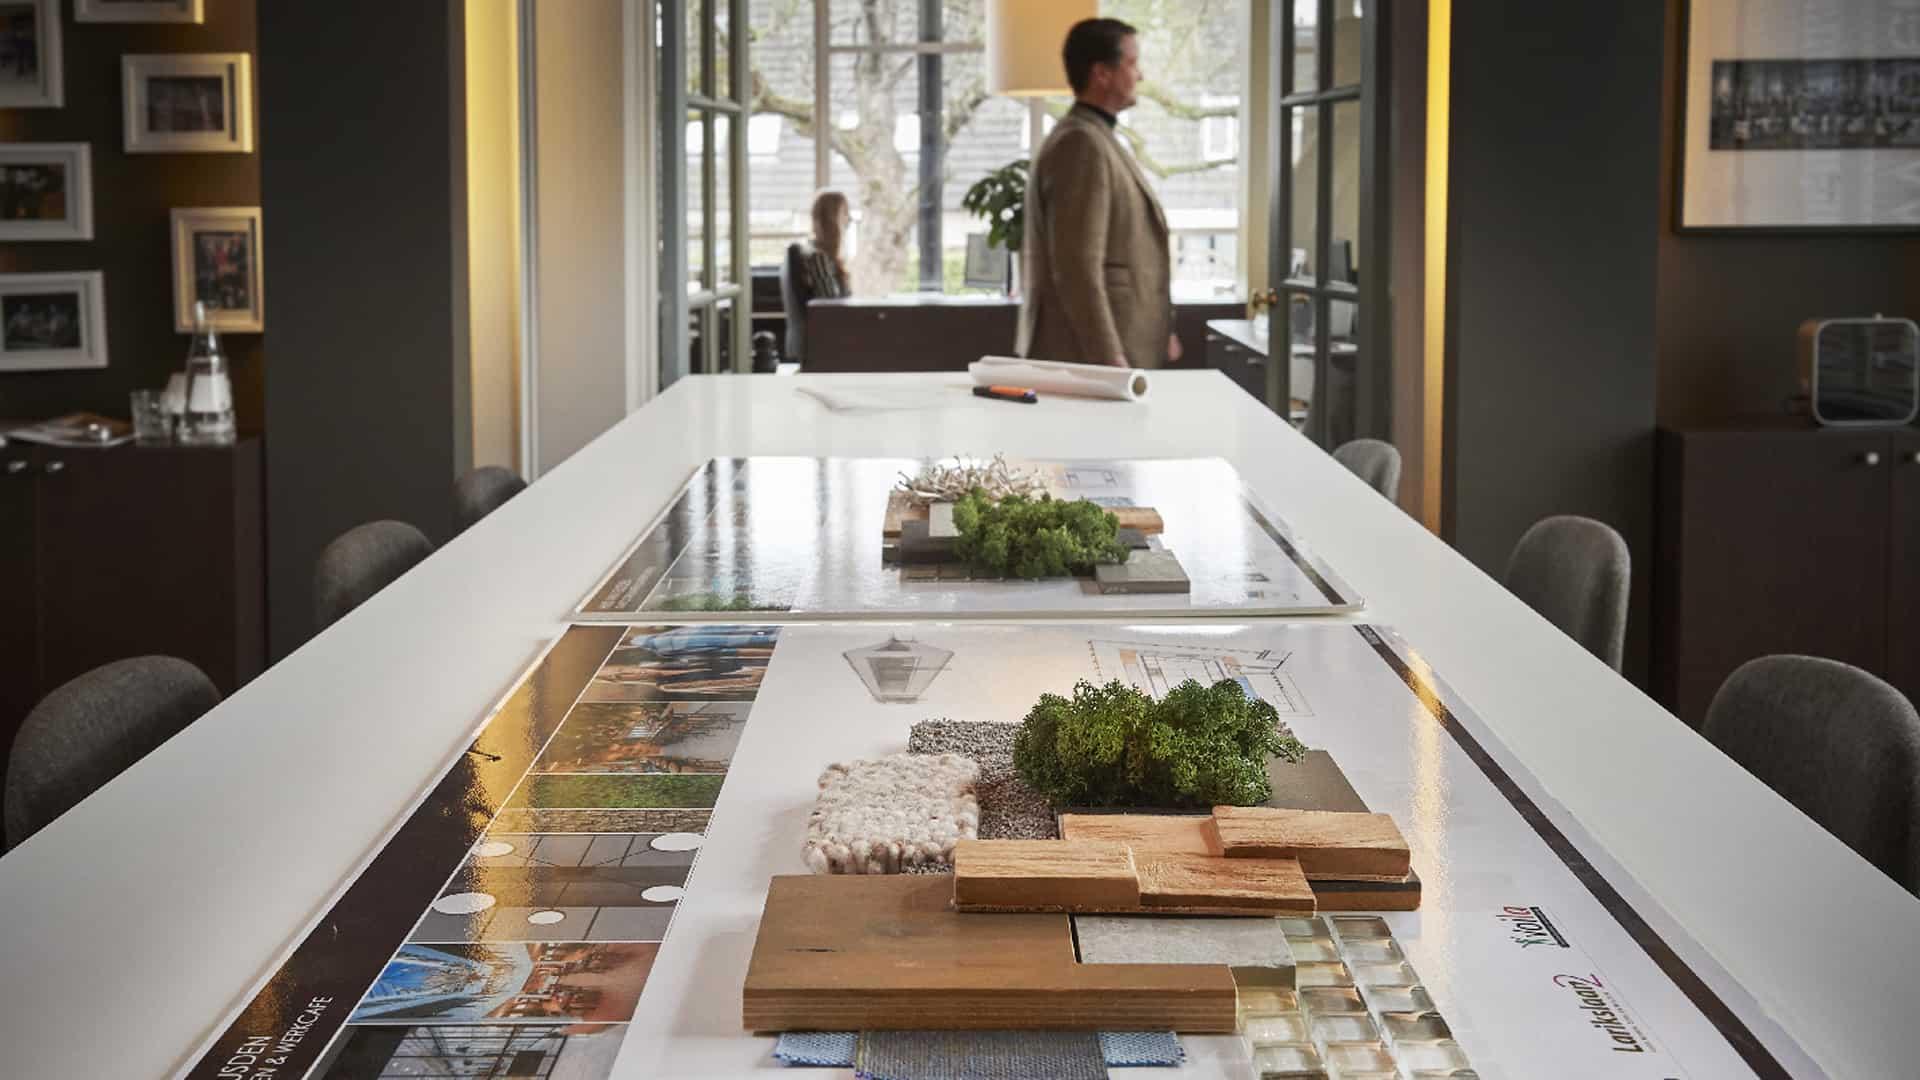 Wildenberg interieurarchitect Stan presentatie interieur stalen presentatie huis van Leusden